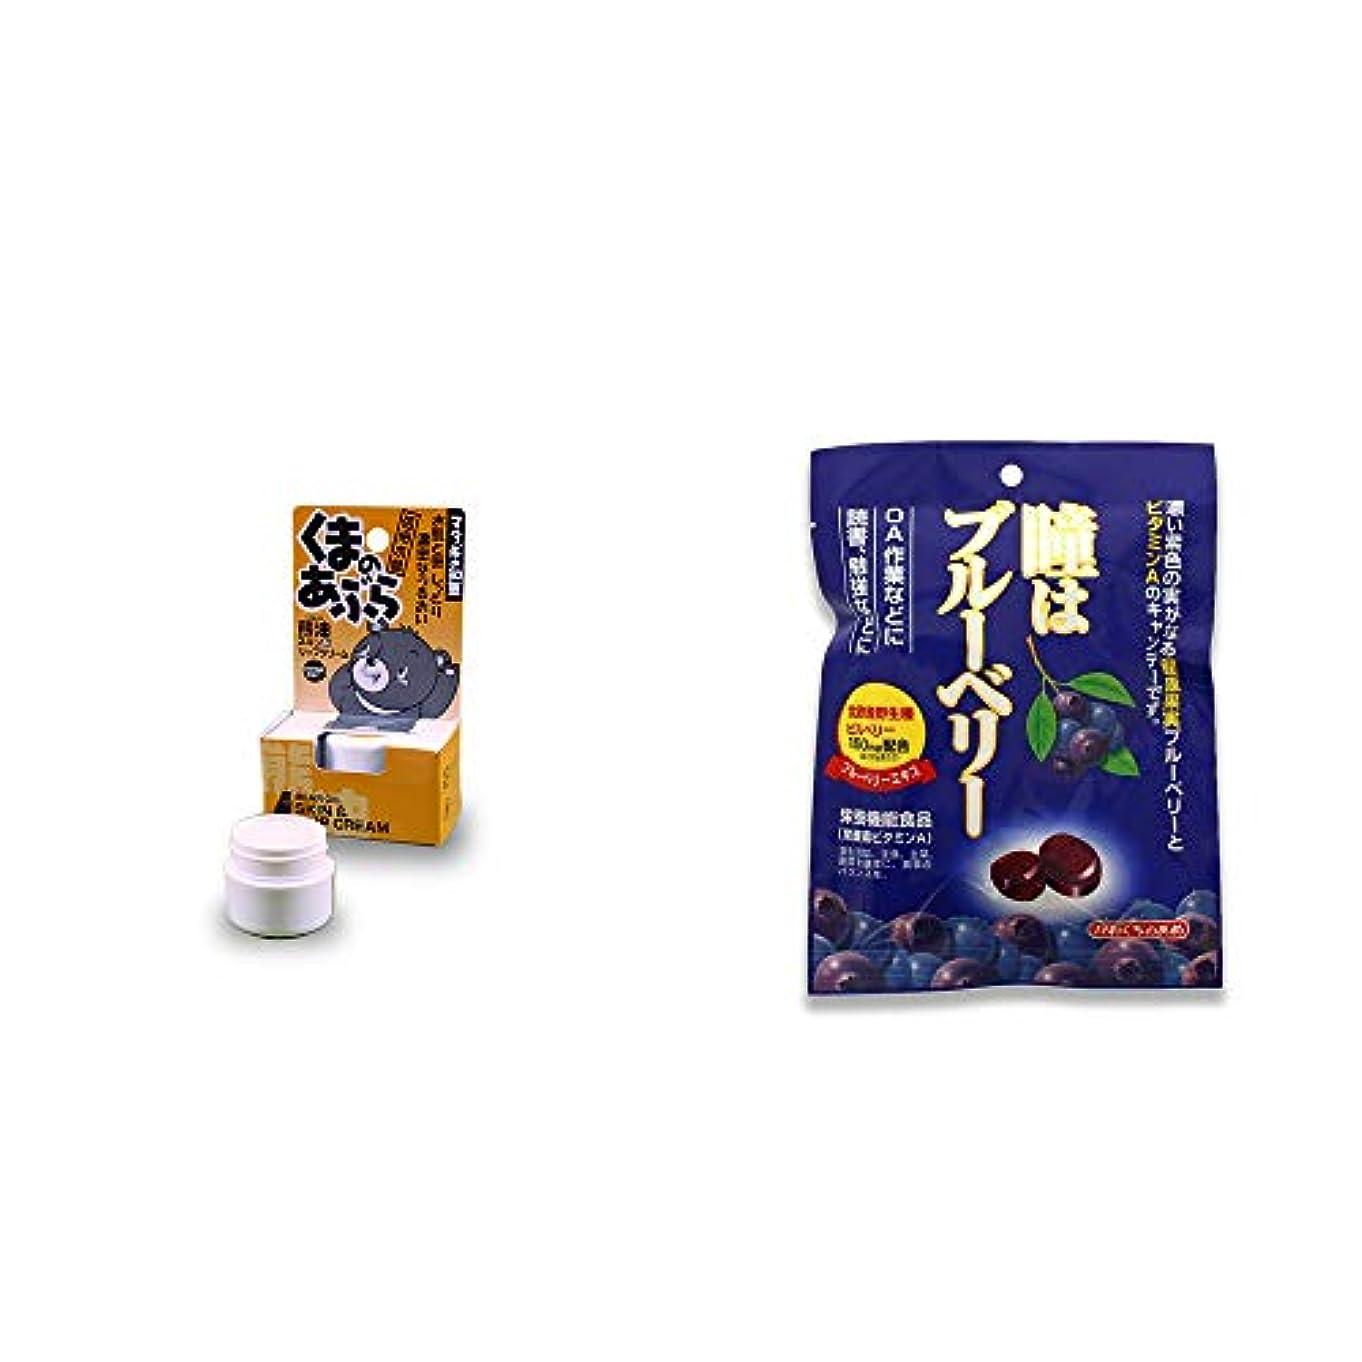 ハッピードラッグウェブ[2点セット] 信州木曽 くまのあぶら 熊油スキン&リップクリーム(9g)?瞳はブルーベリー 健康機能食品[ビタミンA](100g)